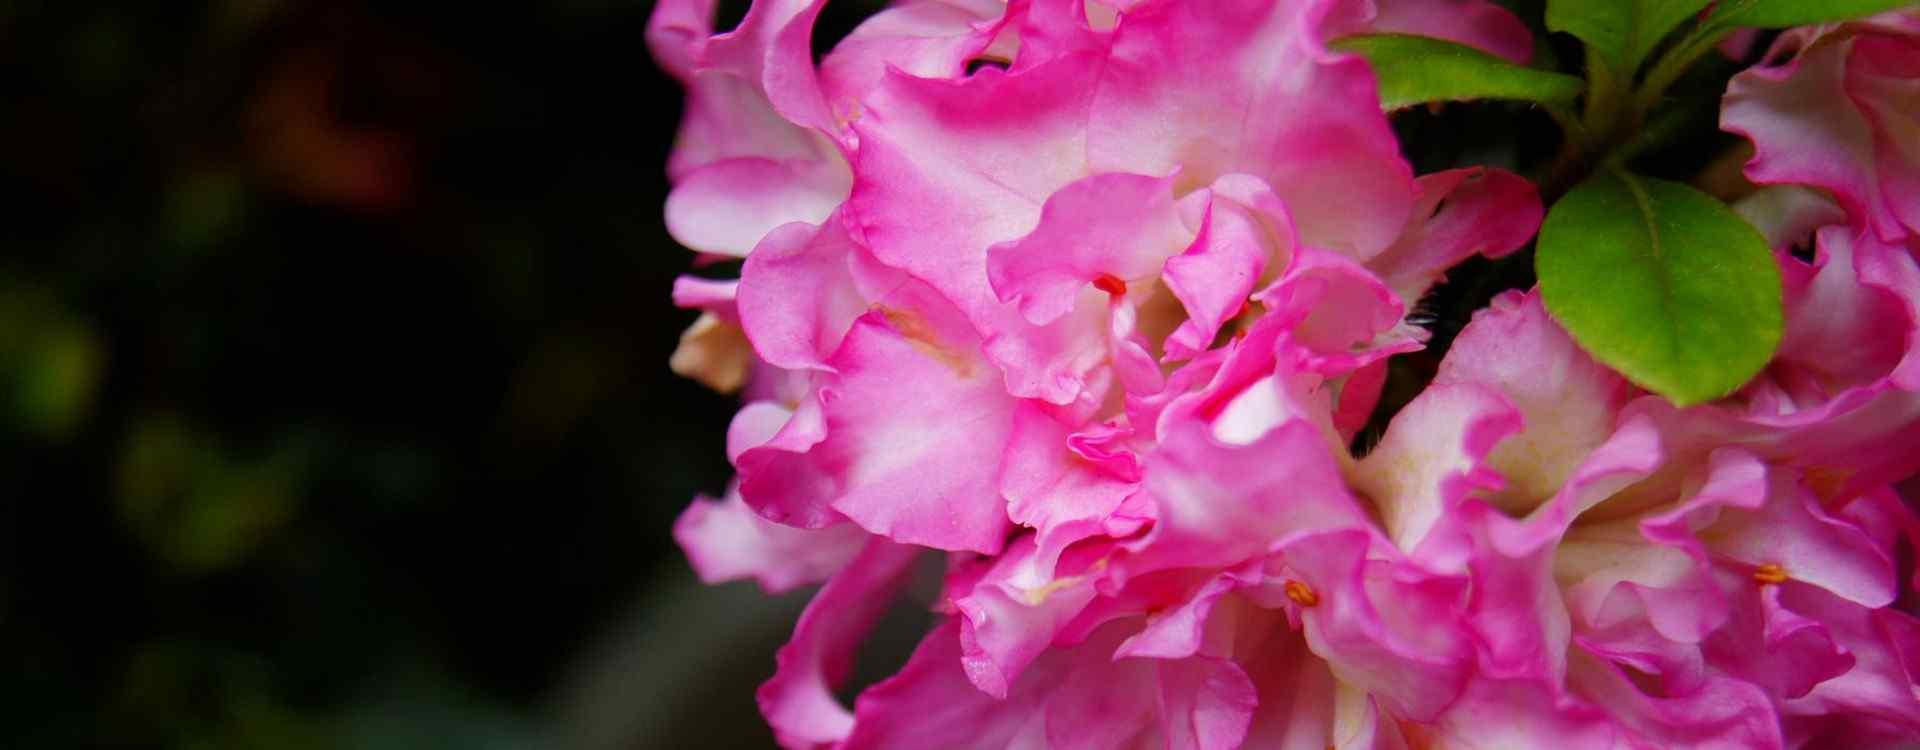 杜鹃花_杜鹃花图片_白杜鹃、映山红_杜鹃花语_杜鹃花植物壁纸